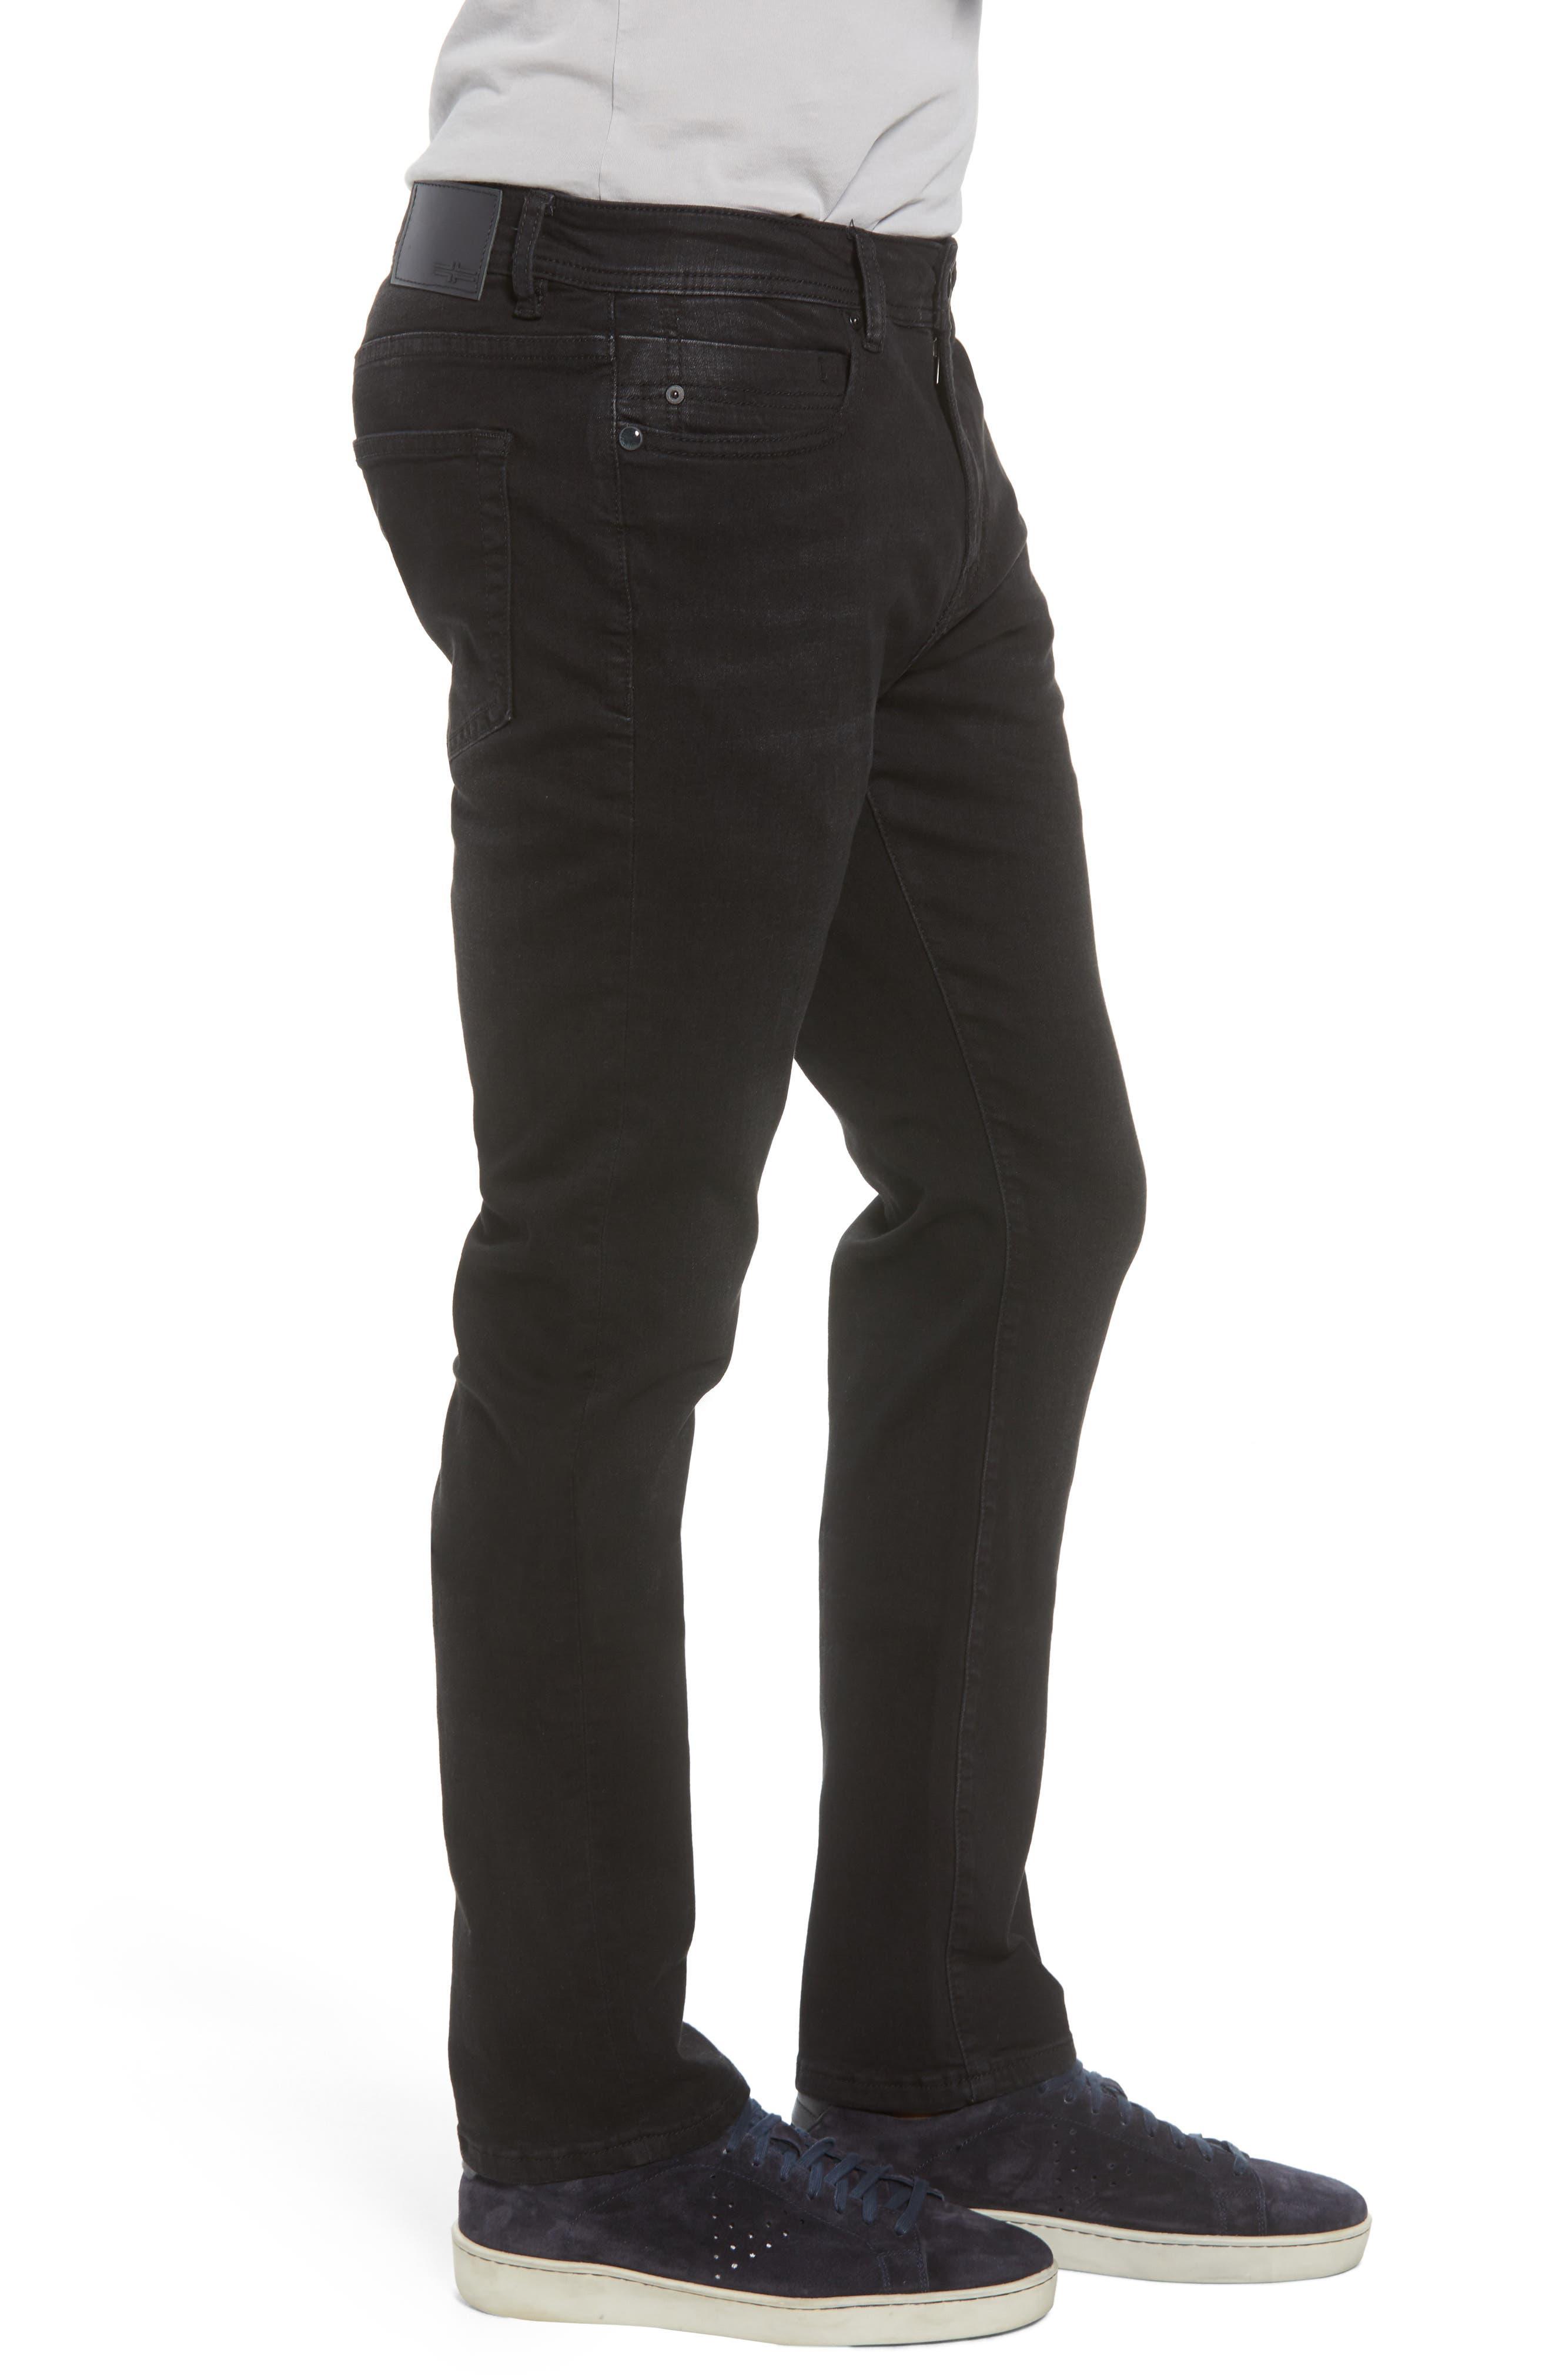 Kingston Slim Straight Leg Jeans,                             Alternate thumbnail 3, color,                             BULLET DARK